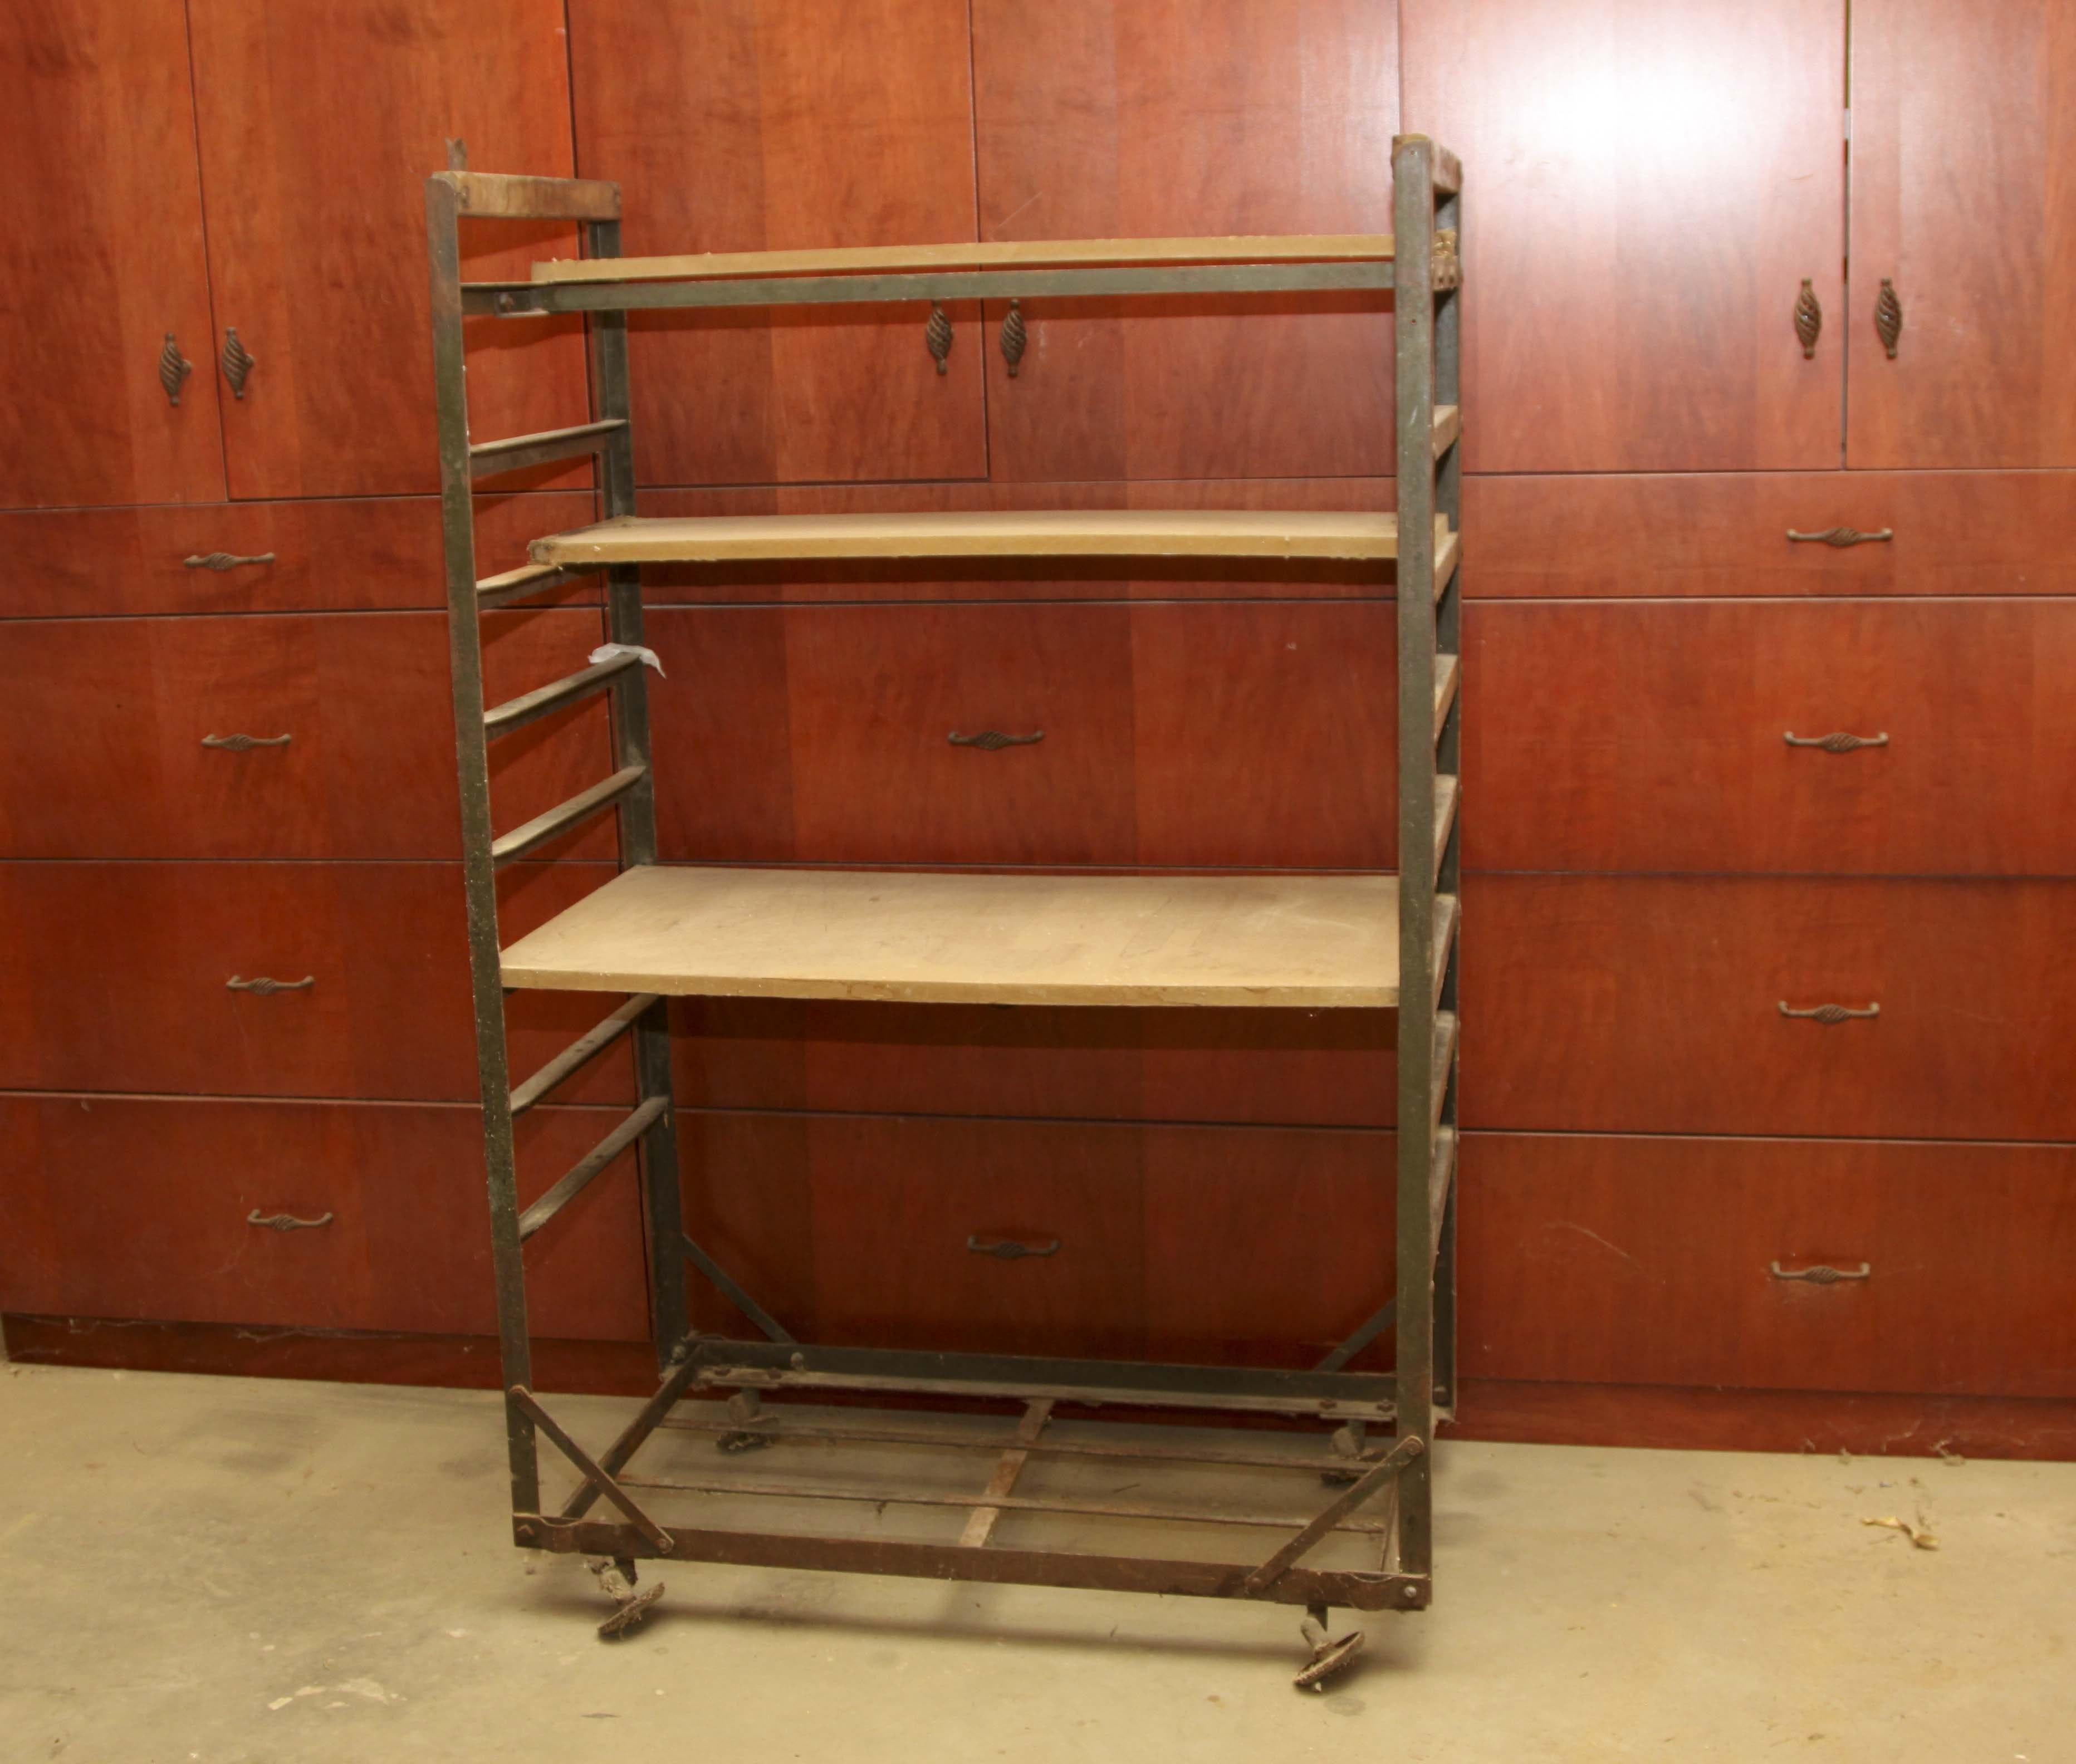 Bakers rack shelving I